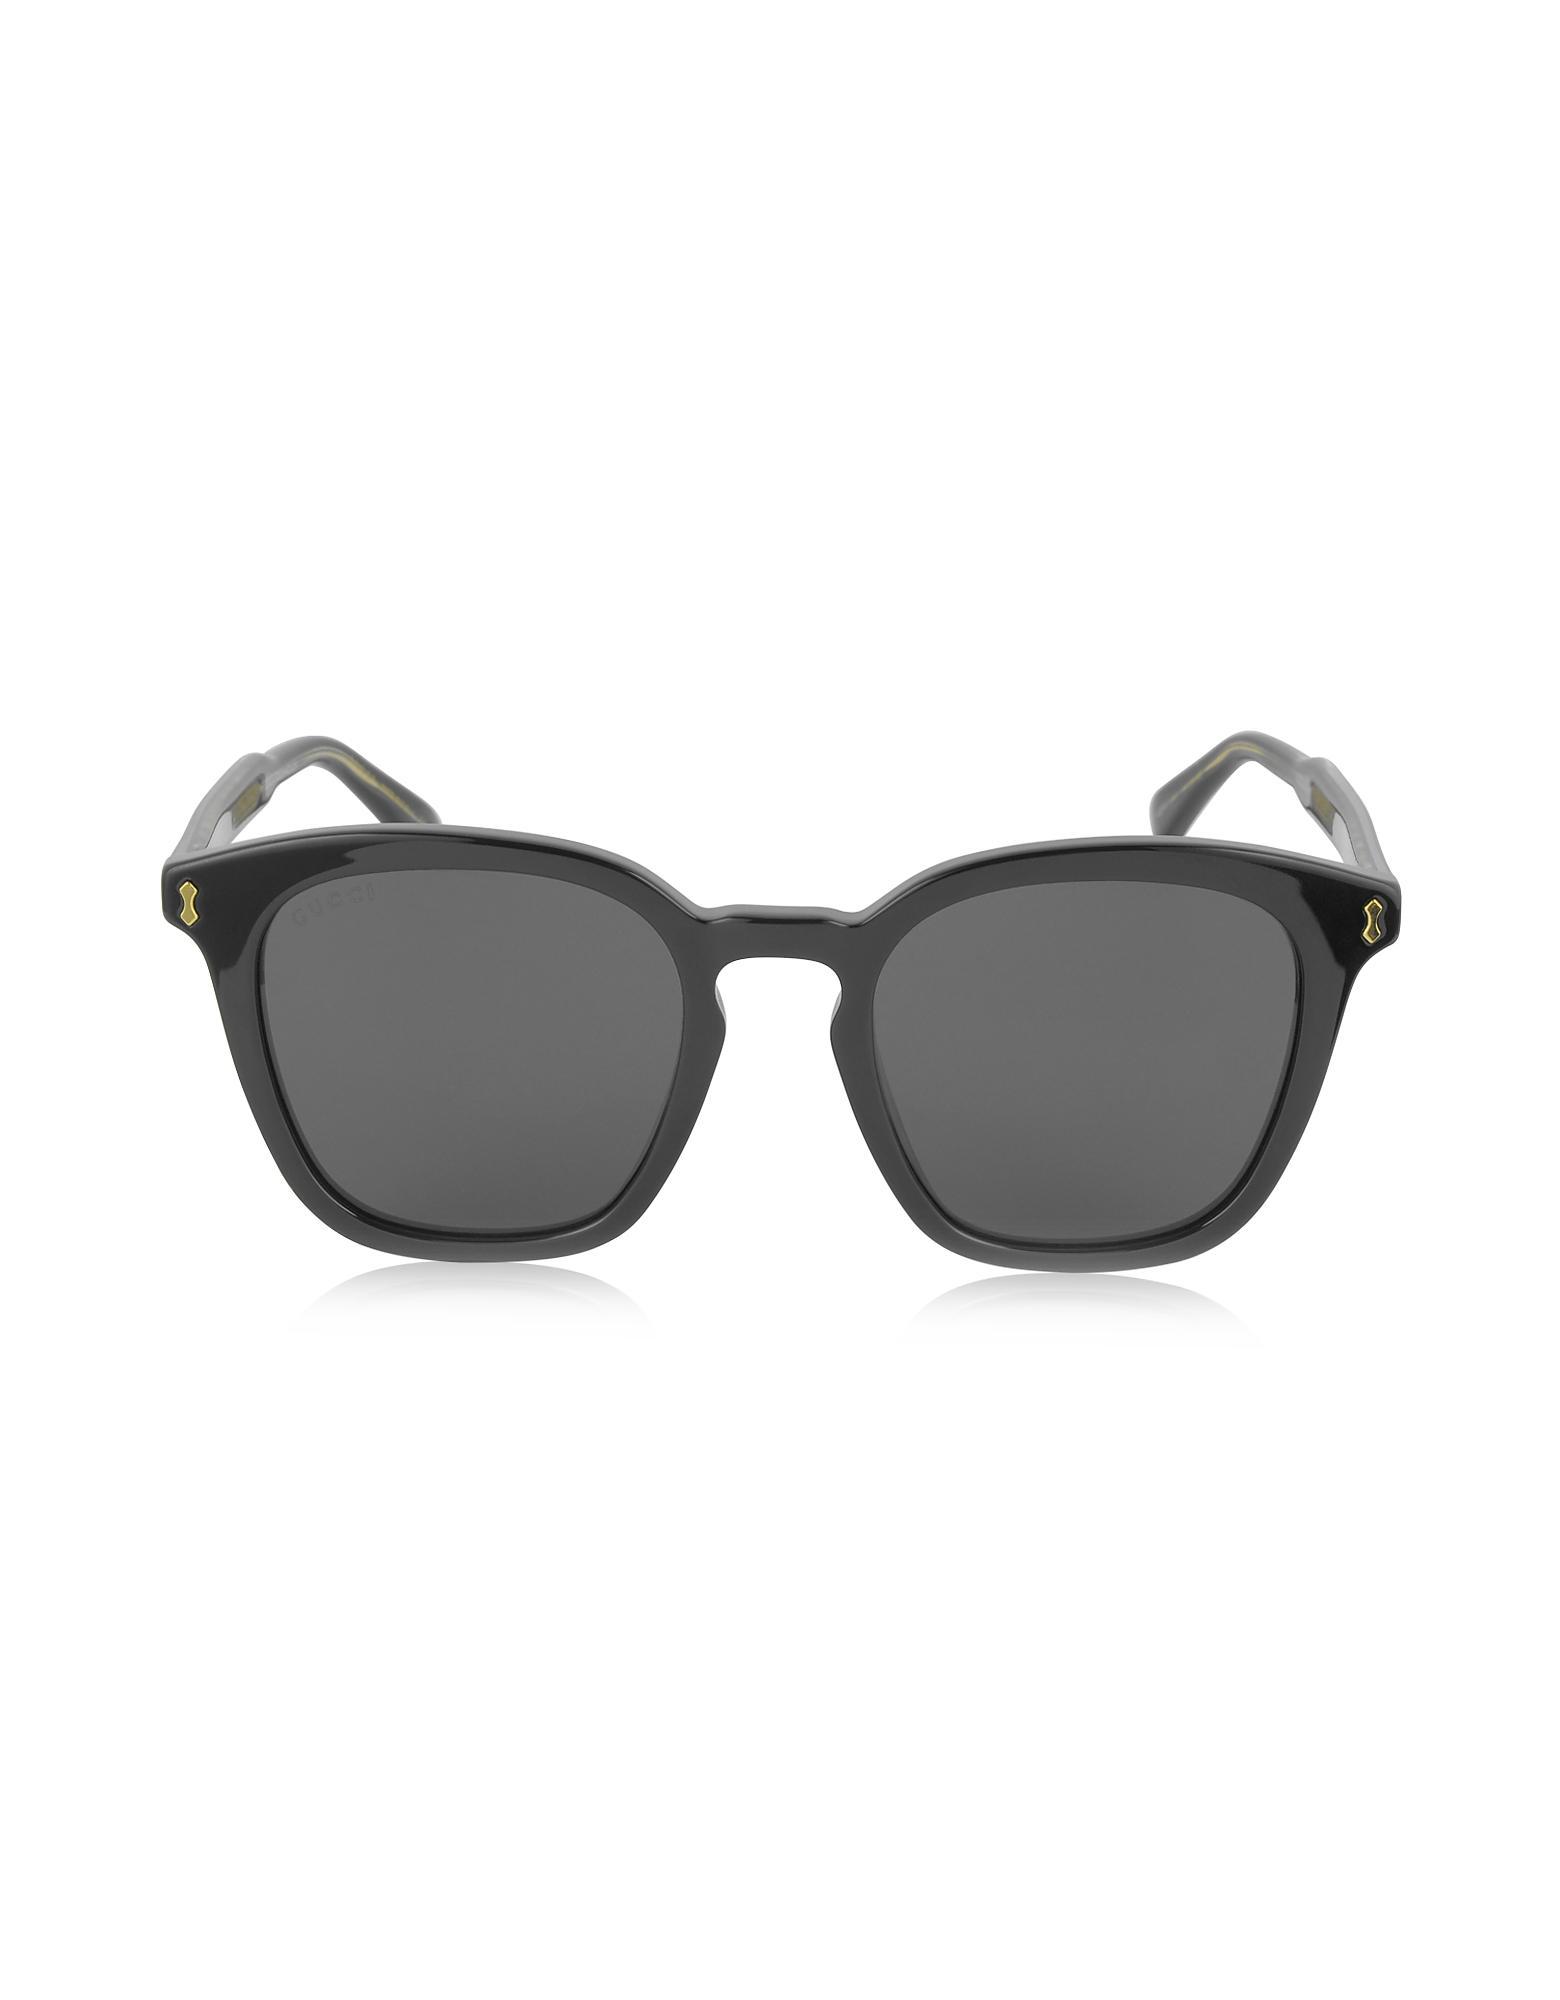 f689cba77db Lyst - Gucci GG0125S Acetate Square Men s Sunglasses in Black for Men